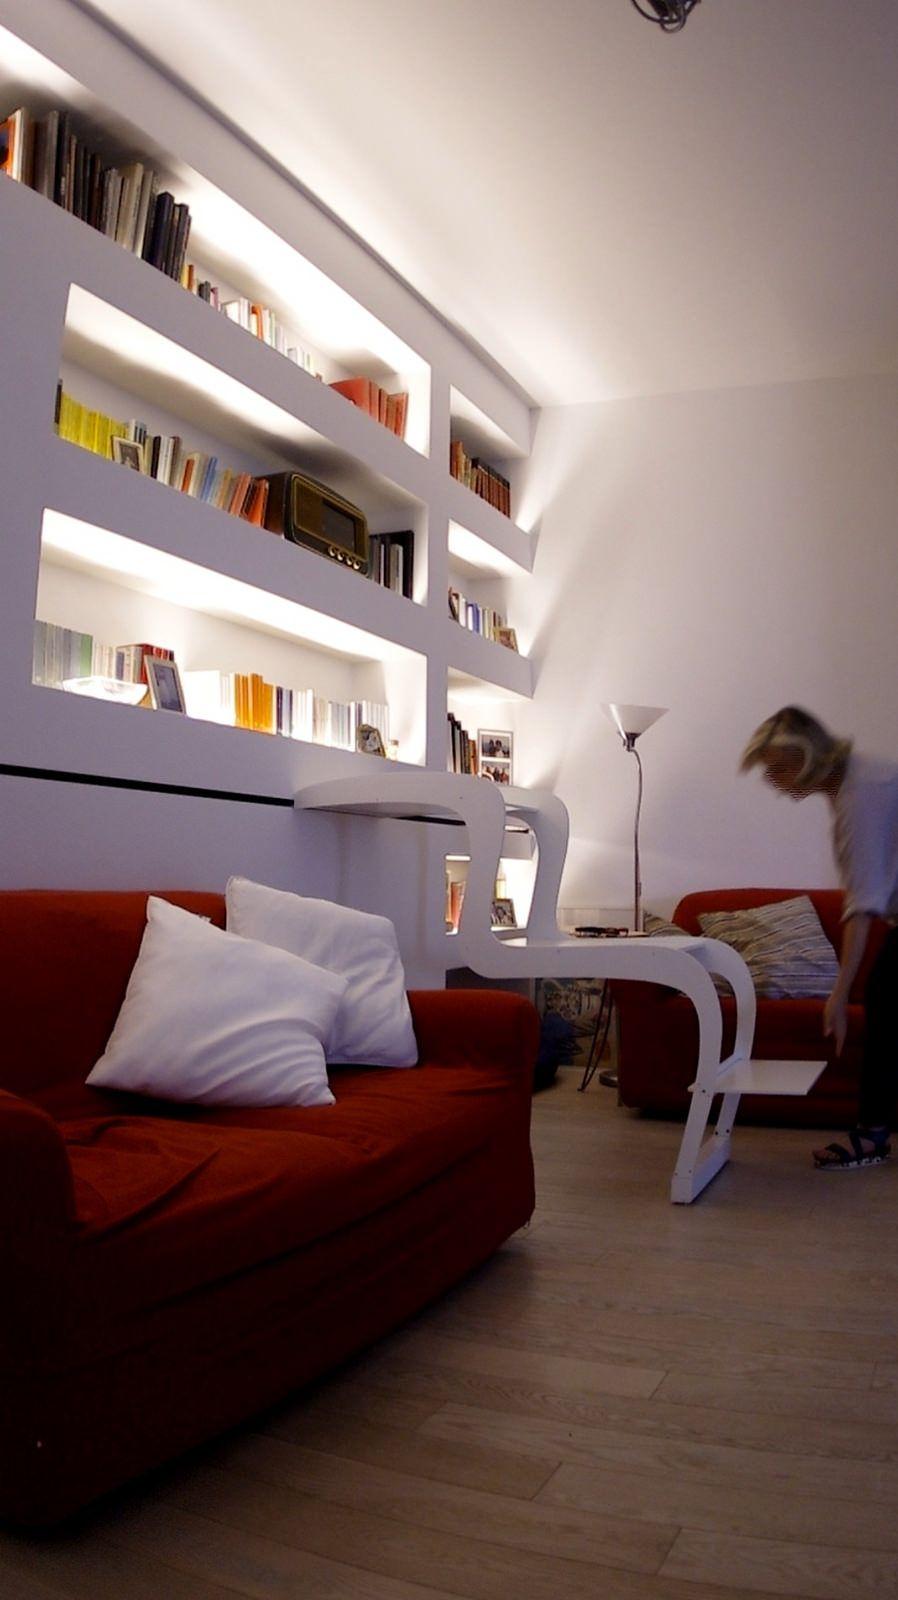 Mensole Cartongesso Sopra Divano.Morsab005 Scala Scorrevole Arredamento E Librerie